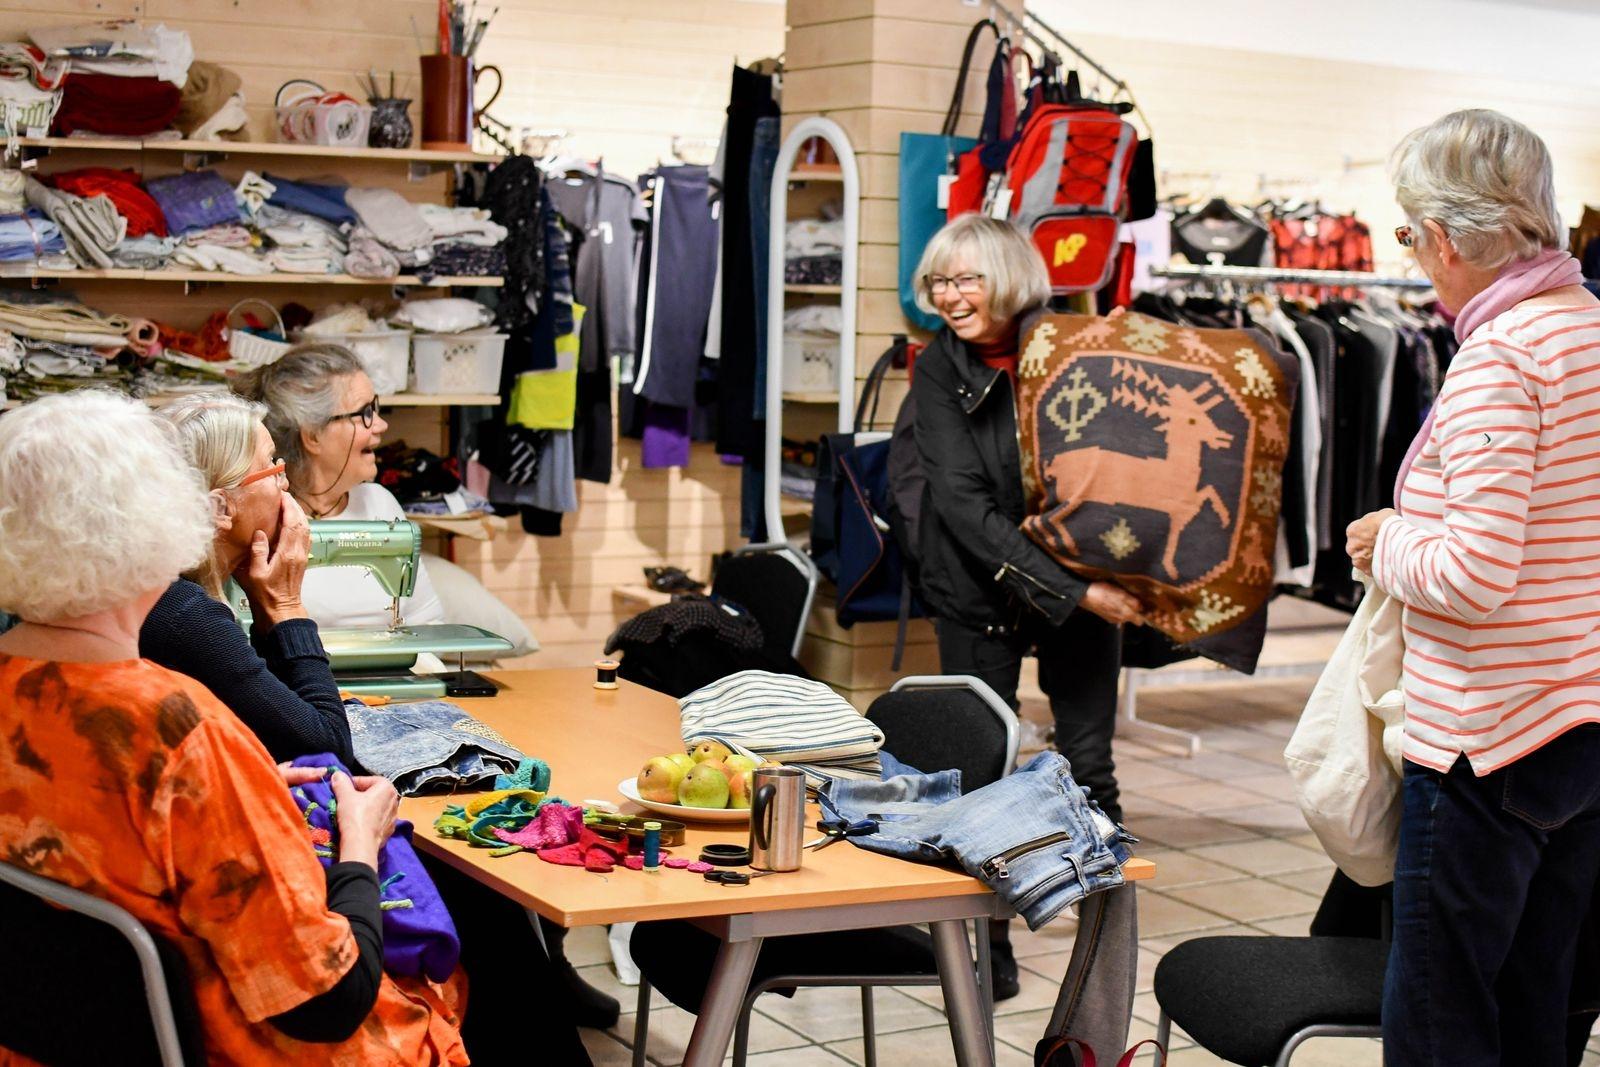 Anne Henricson ansluter till det glada gänget i sällskap med en röllakankudde i behov av att sys ihop.